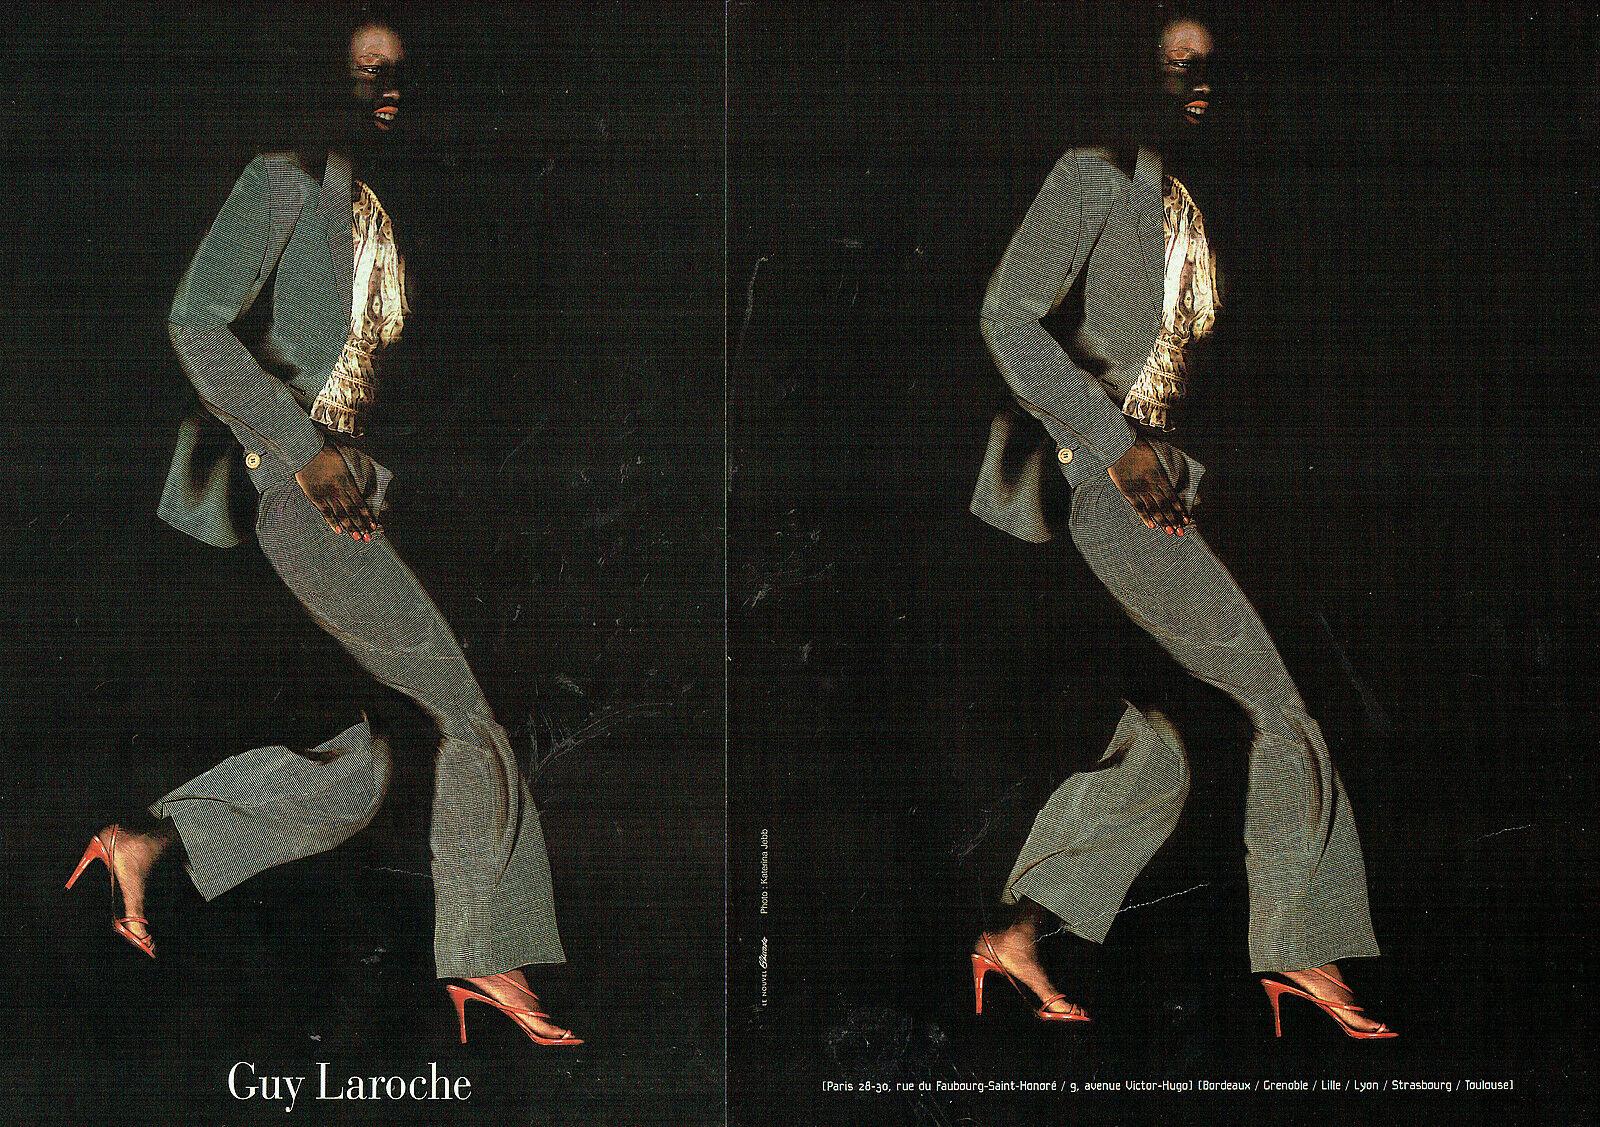 1995 Guy Laroche A1